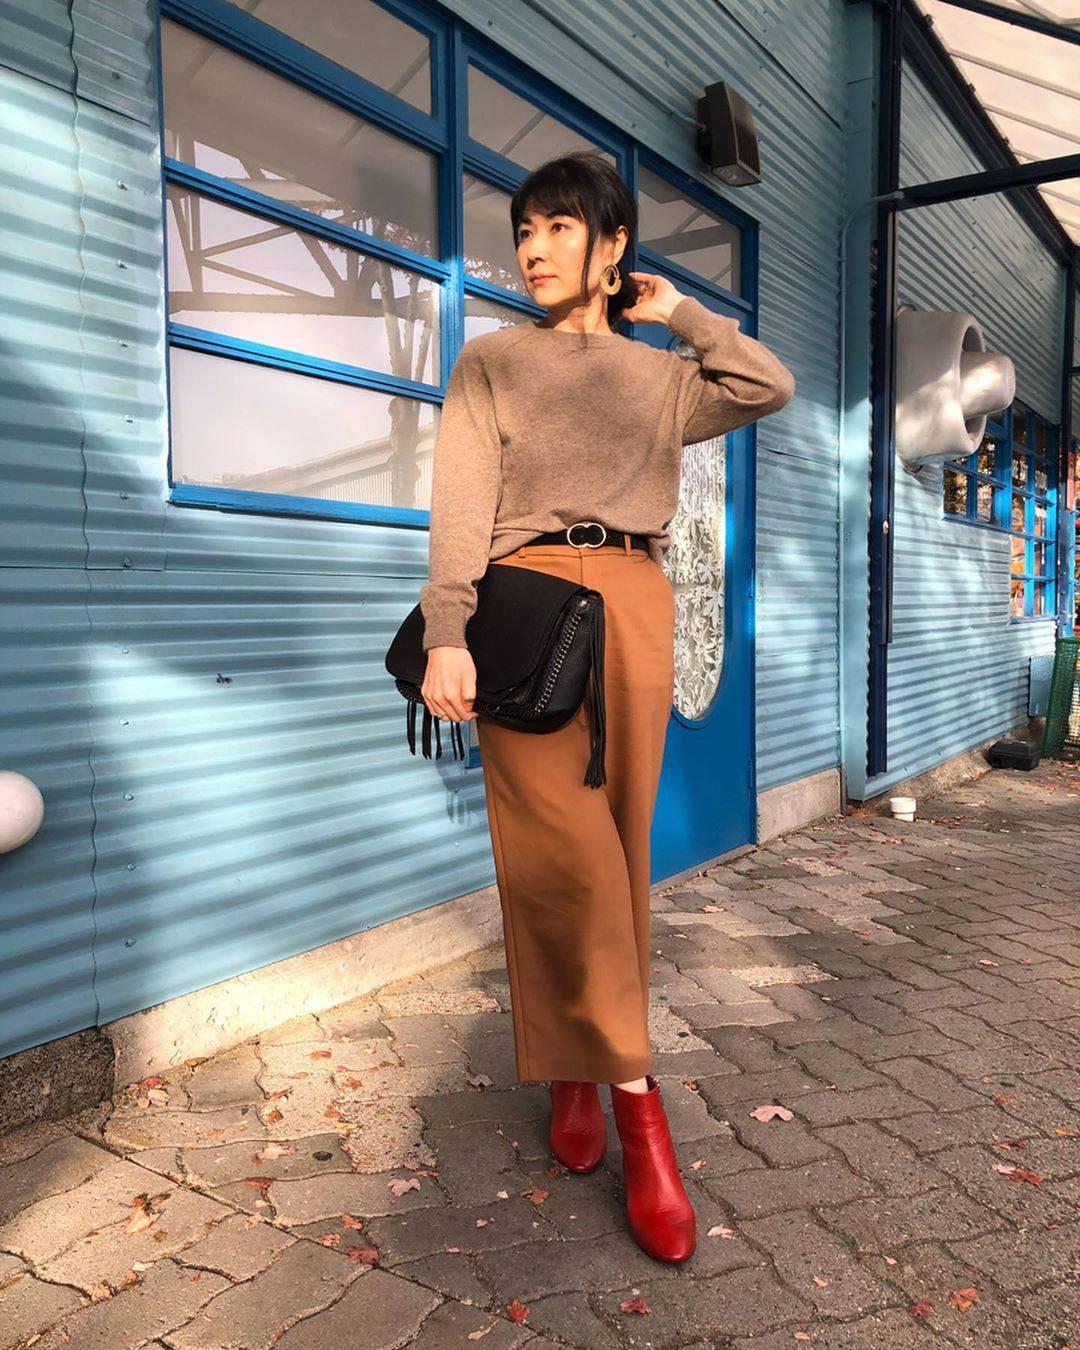 最高気温18度・最低気温14度 i.styleclosetの服装